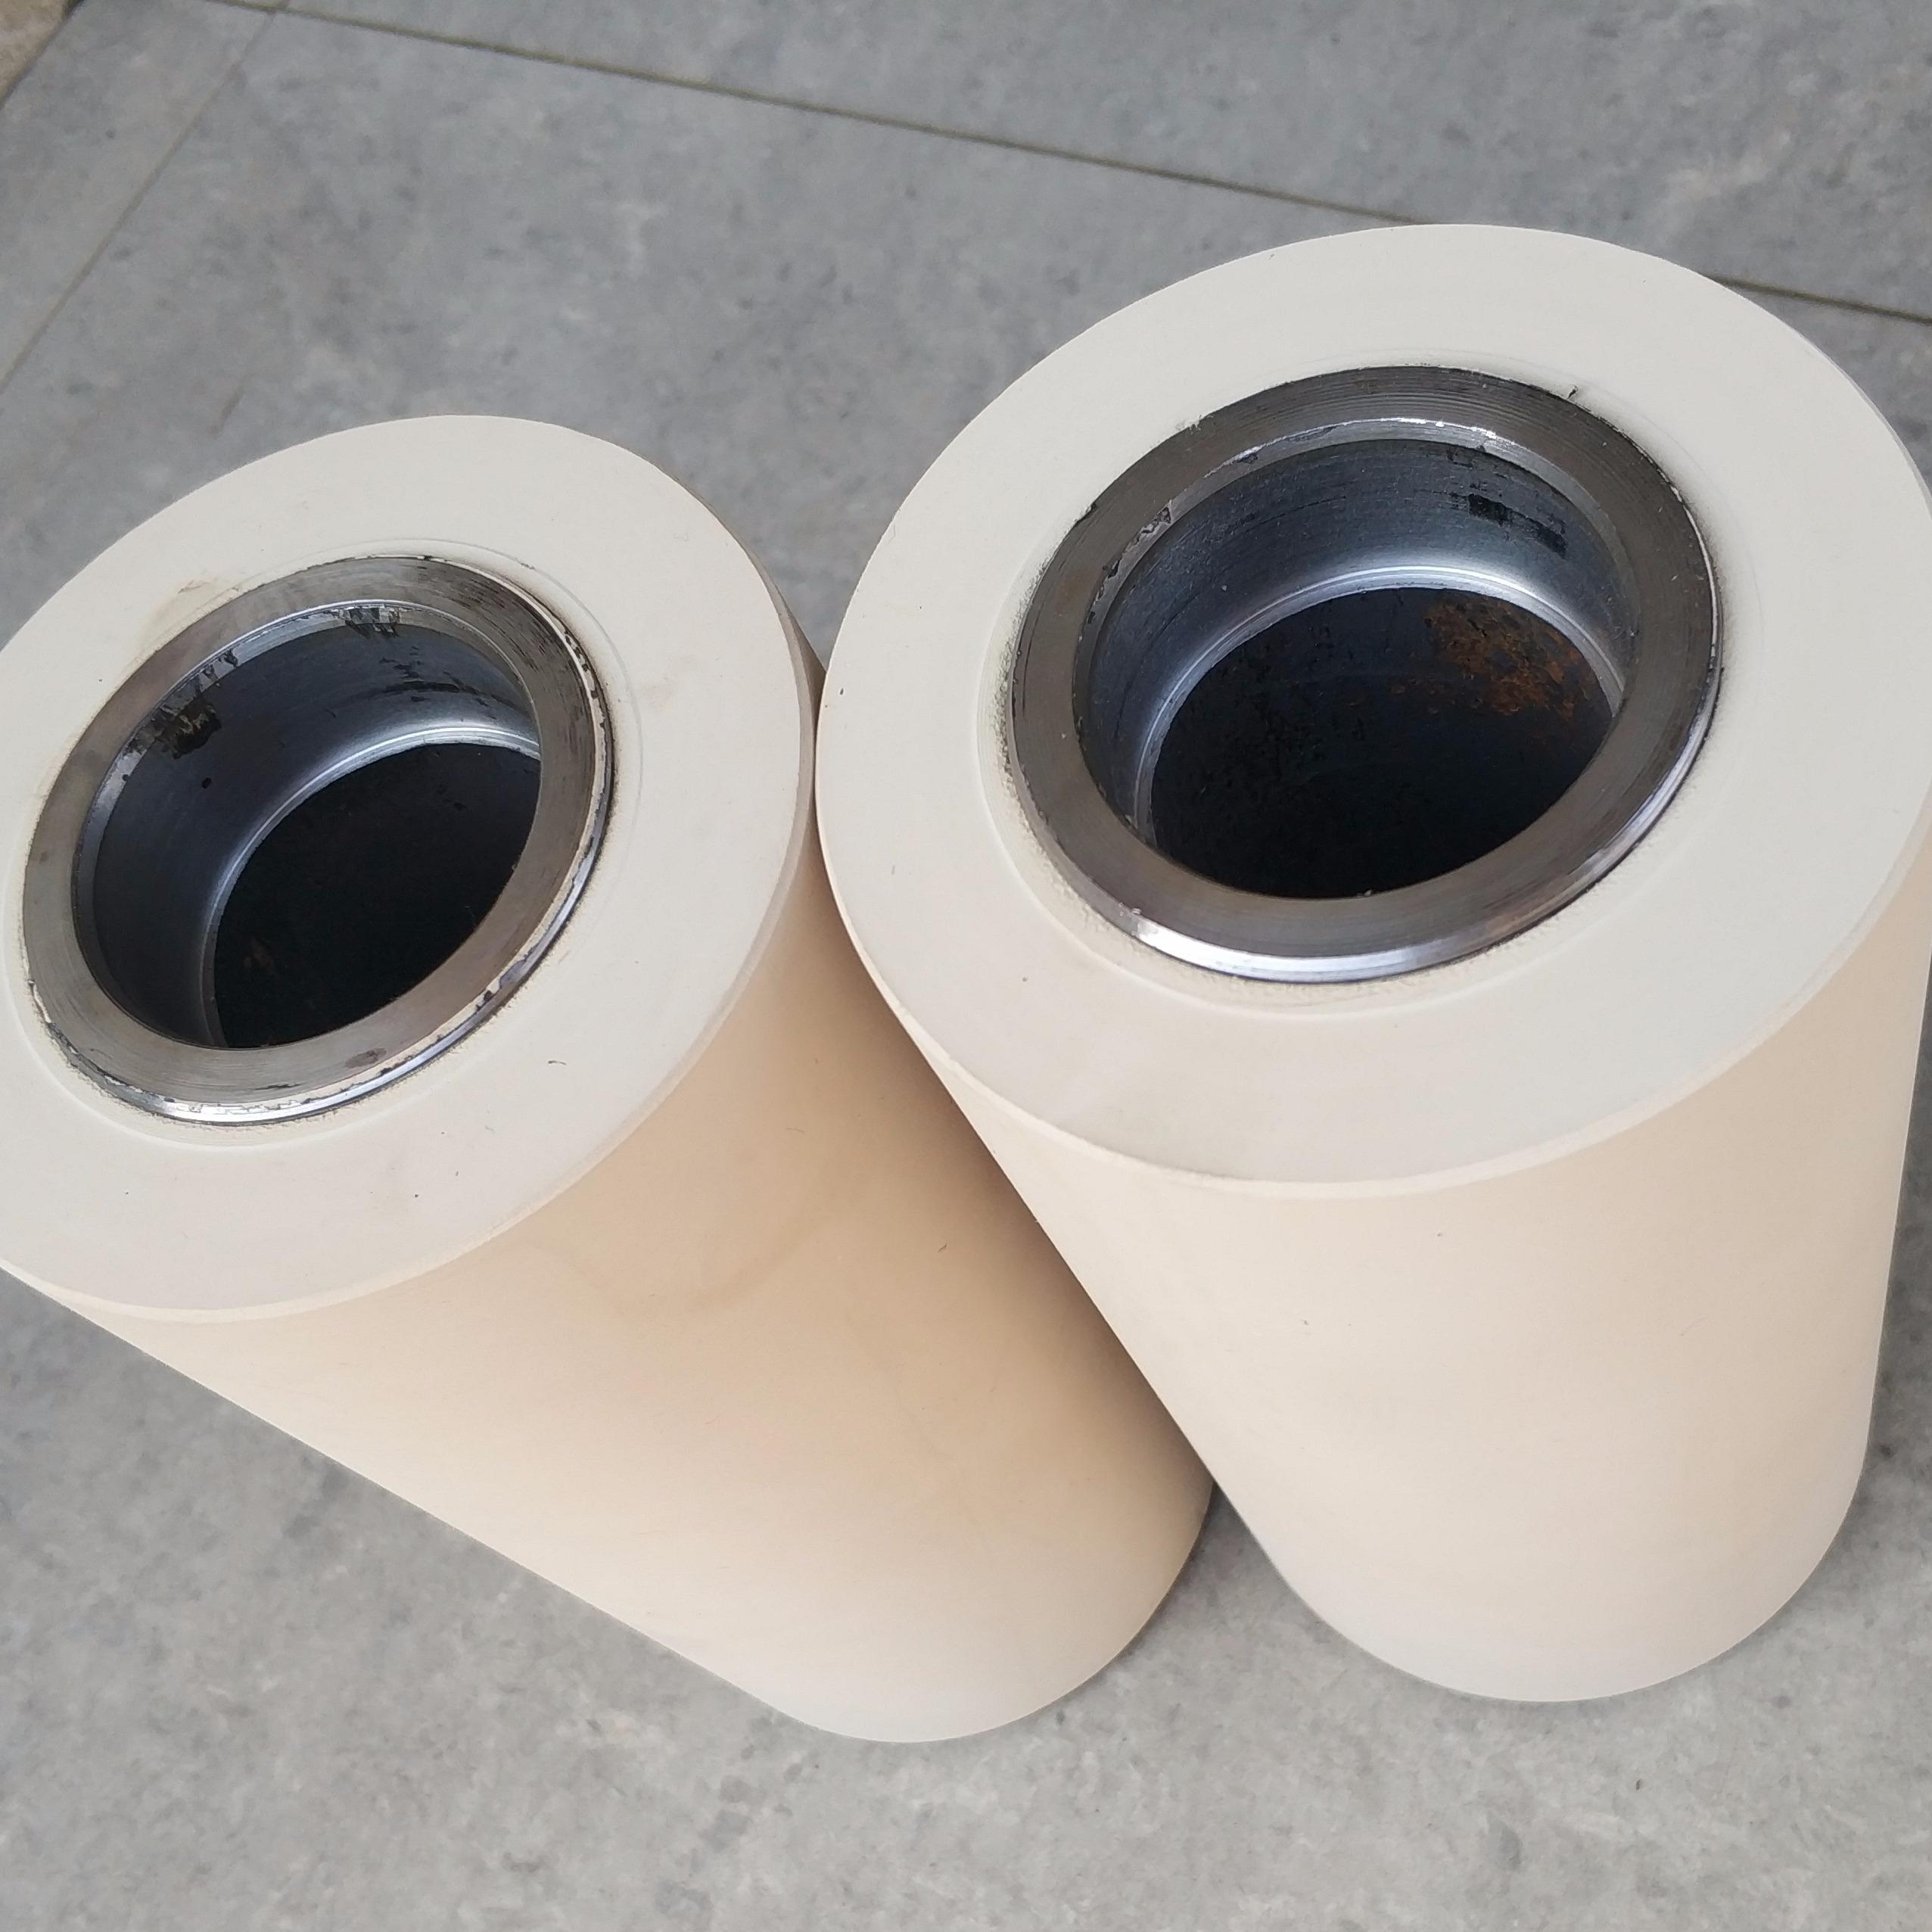 正品货源科锋科技标准件lq500切粒机胶辊 非标准进口橡胶压辊定制加工